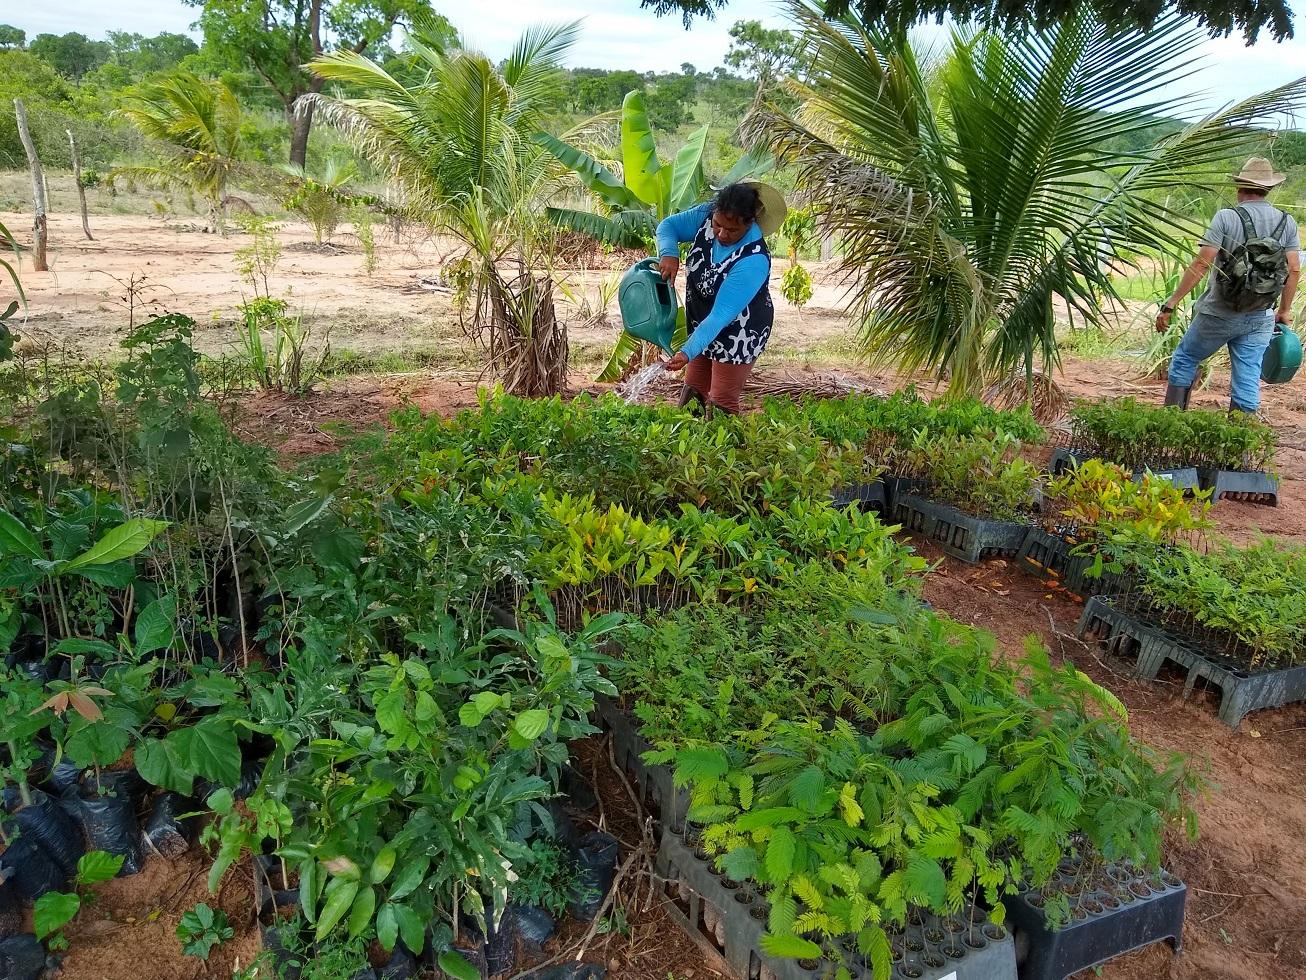 Canteiro de mudas para a recuperação de vegetação nativa em Guariroba, no Mato Grosso do Sul. Foto Maria Luciana Zequim